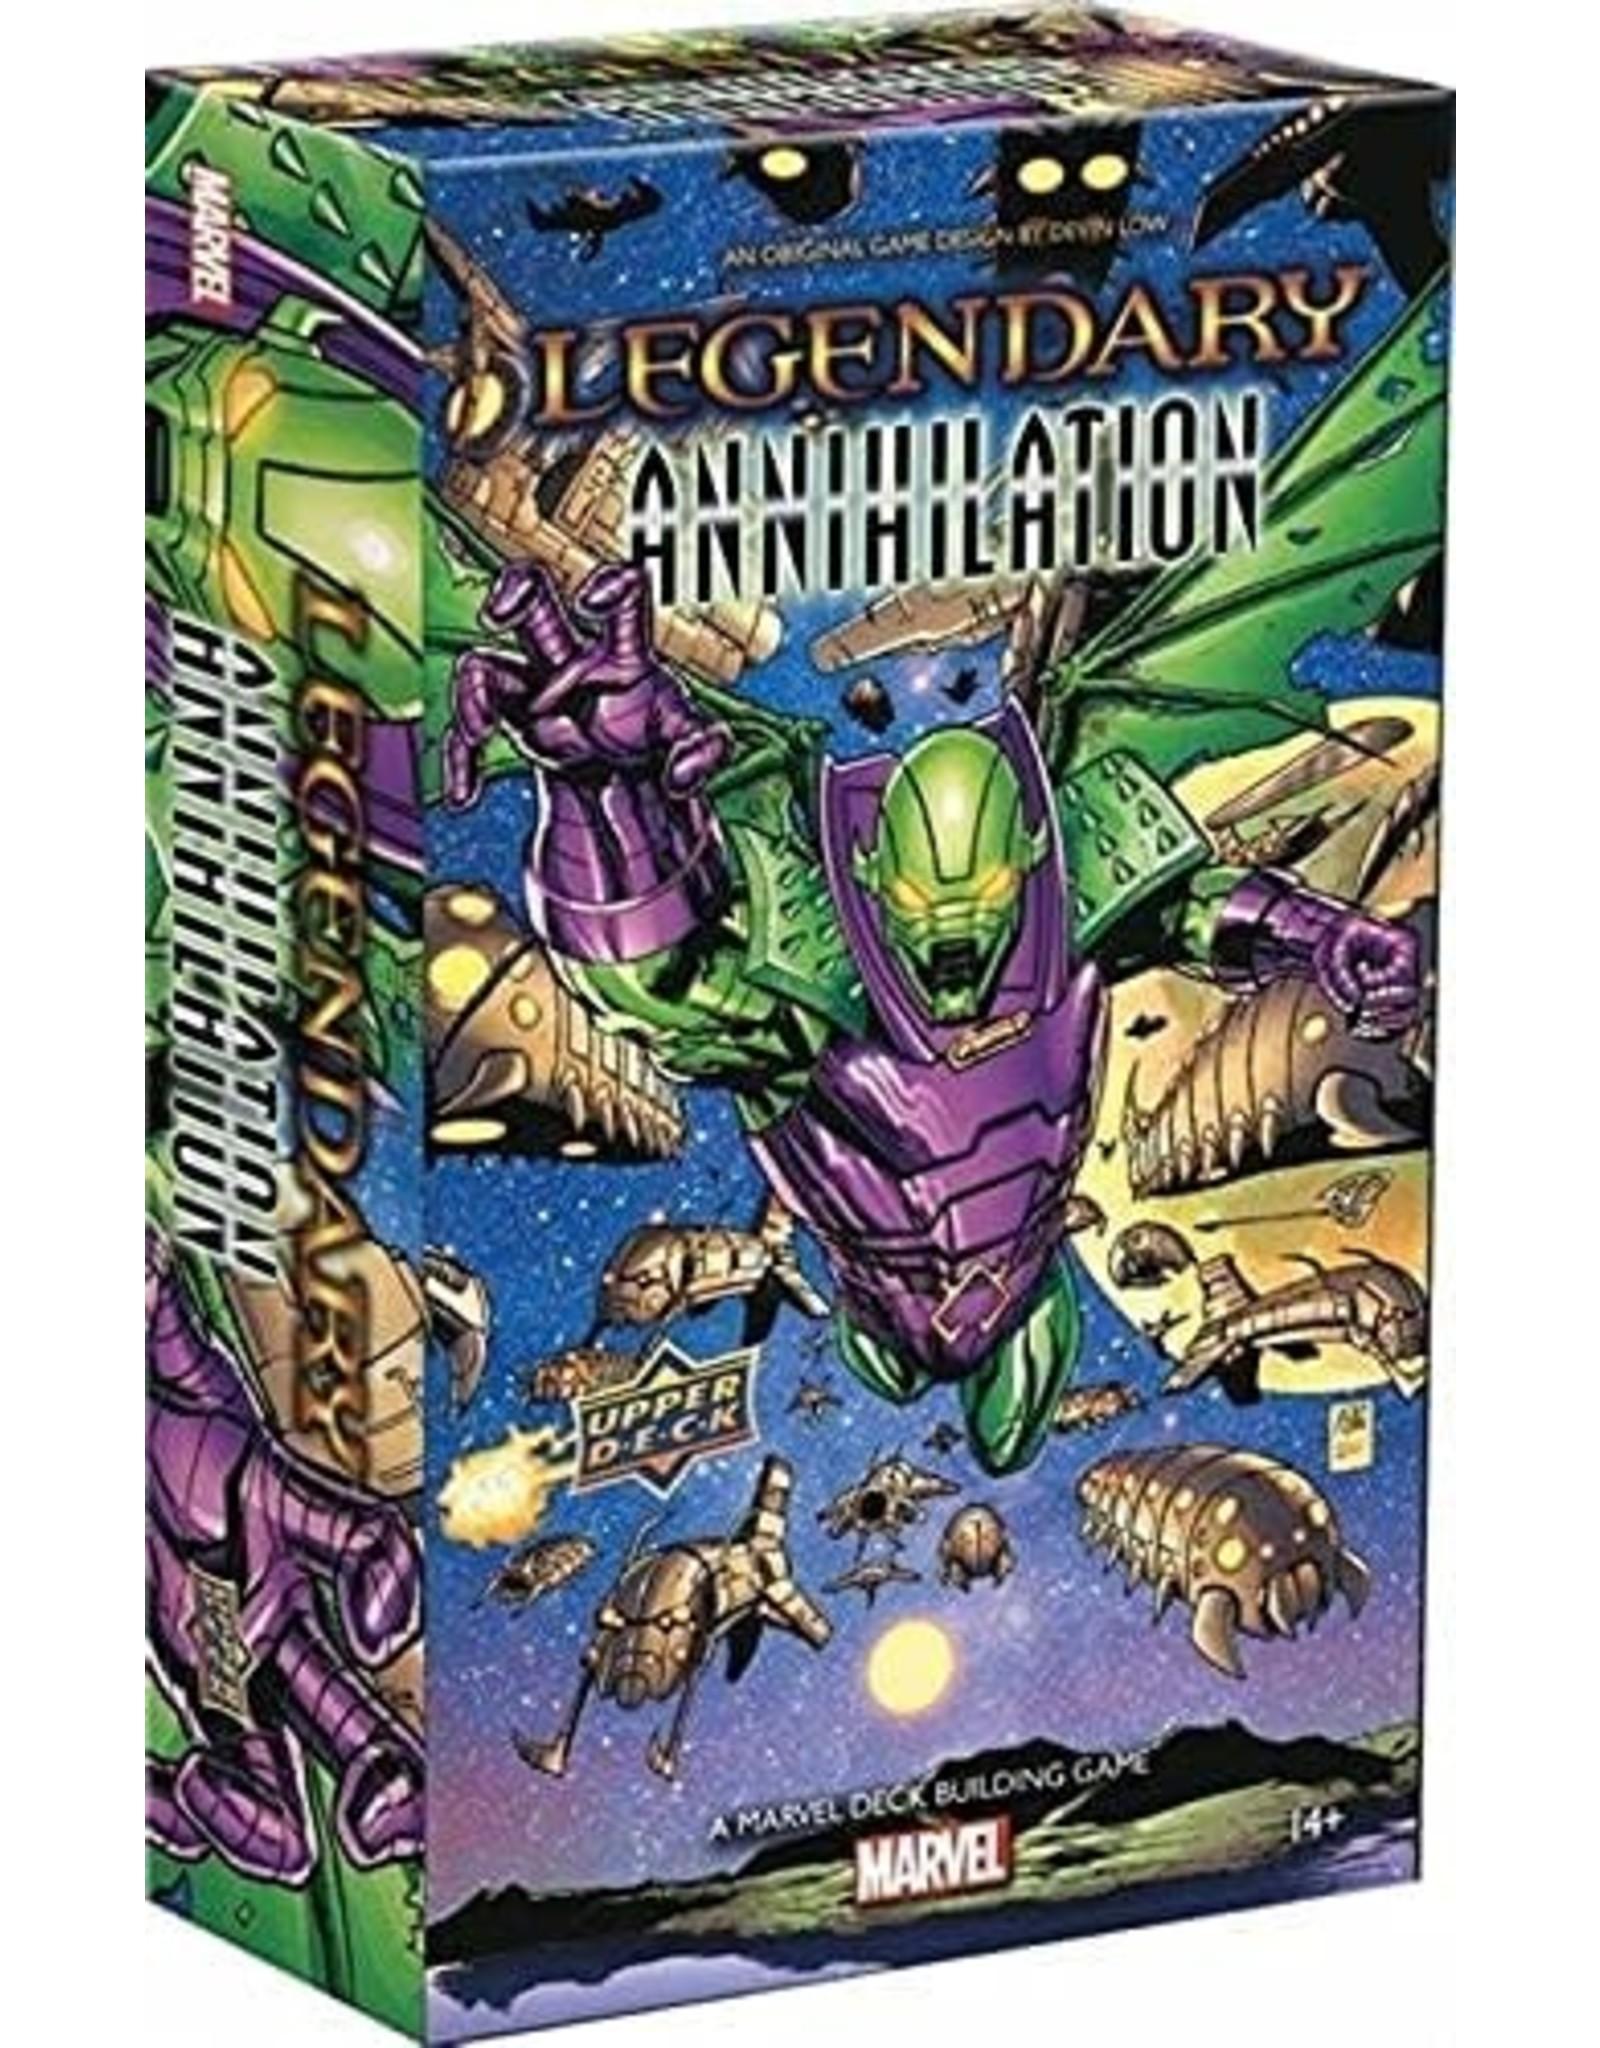 Upper Deck Marvel Legendary DBG: Annihilation